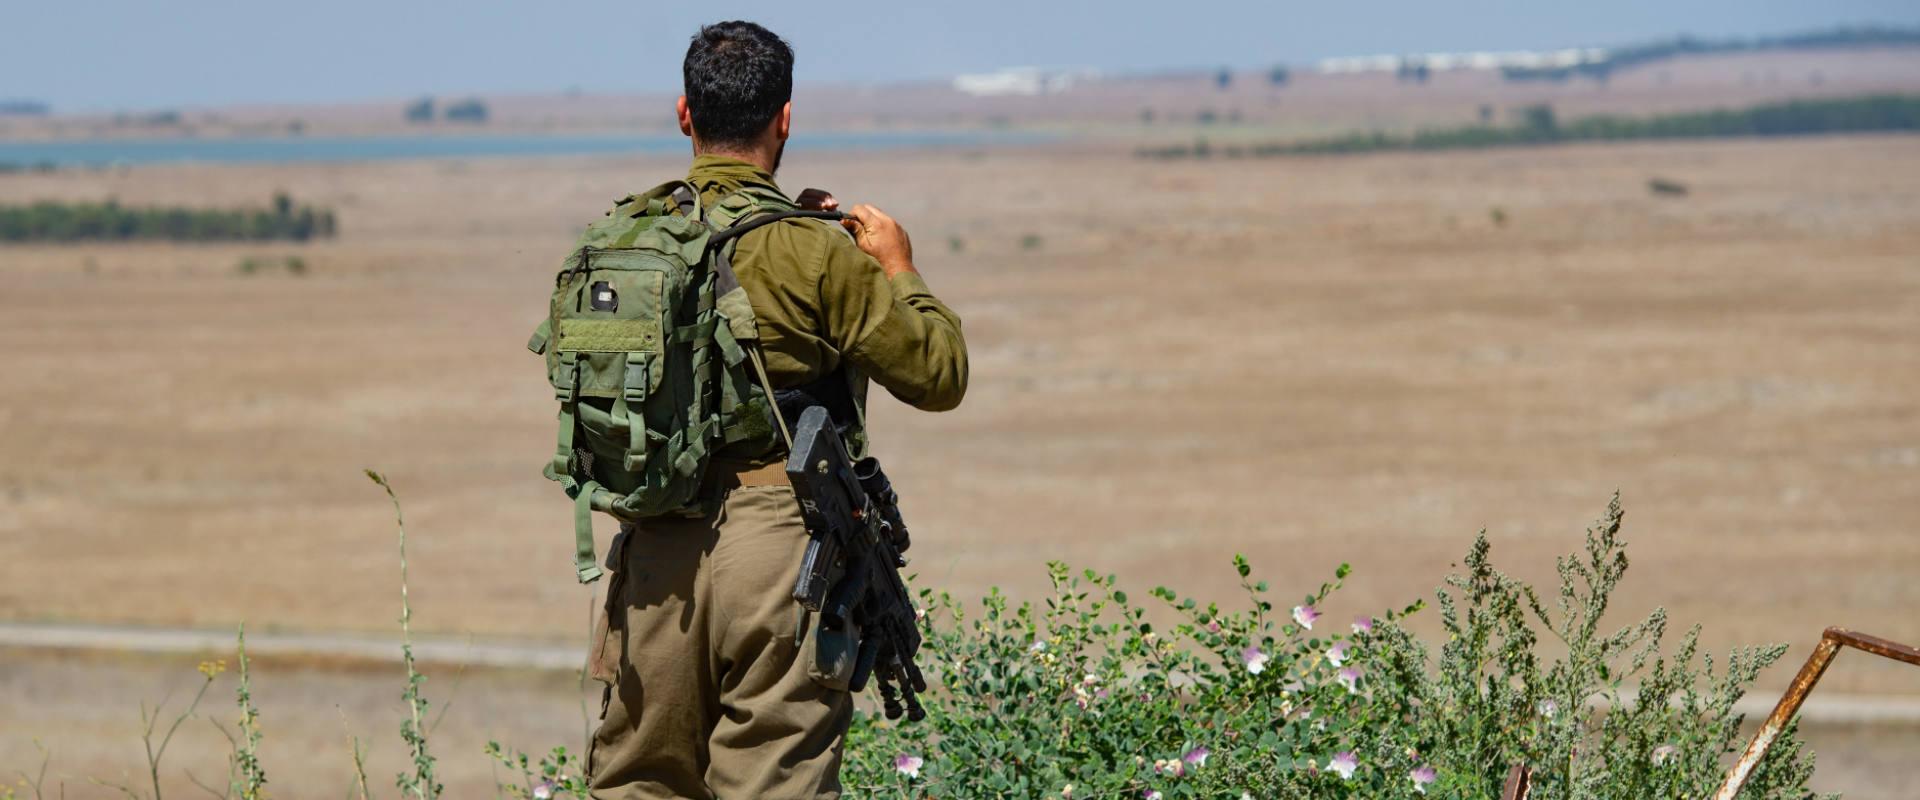 חייל מתצפת בגבול סוריה-ישראל